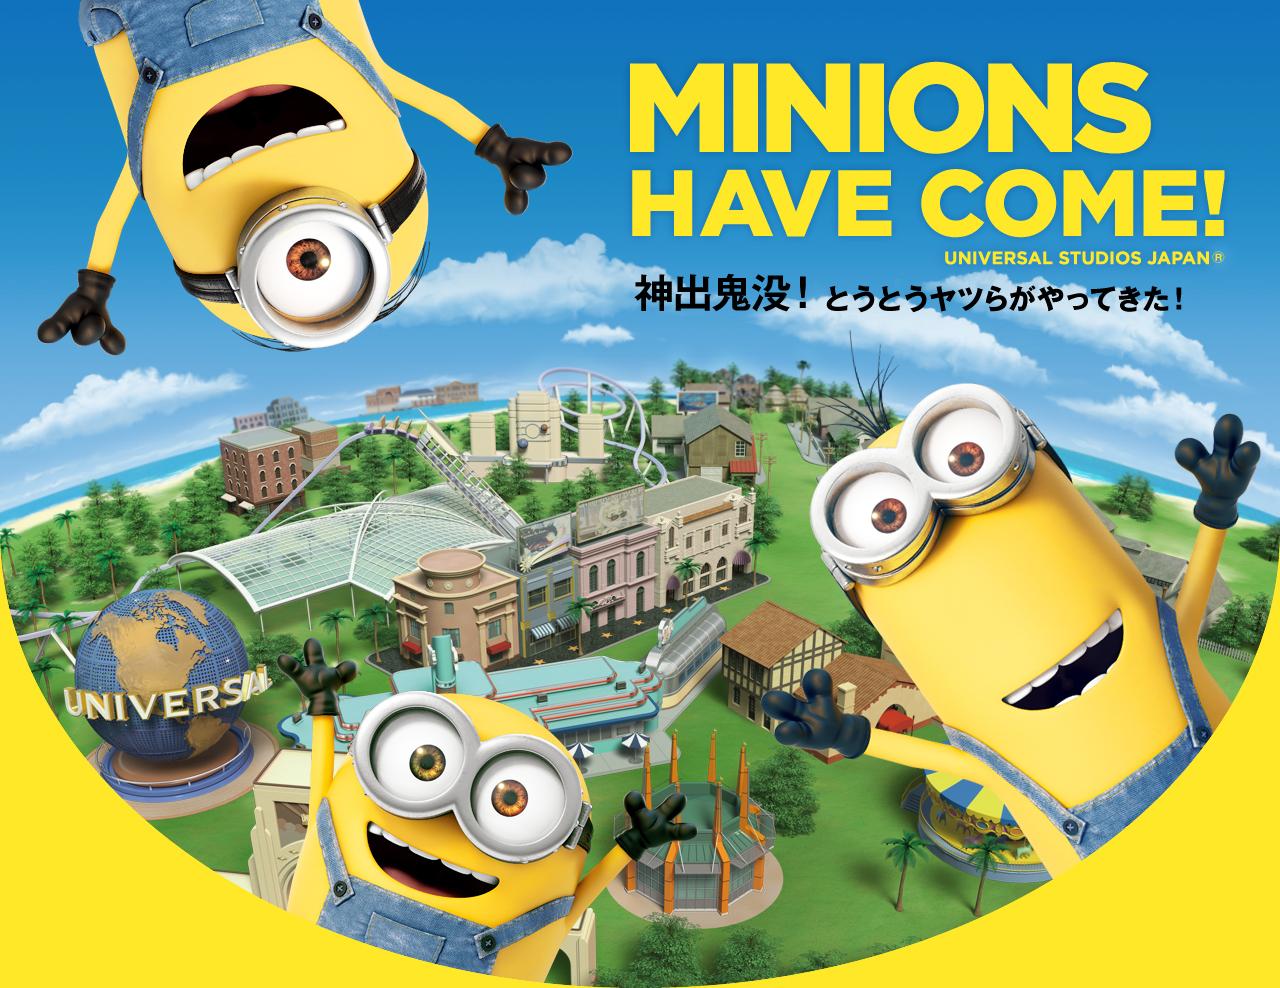 Os Minions vão para o Universal Studios Japan